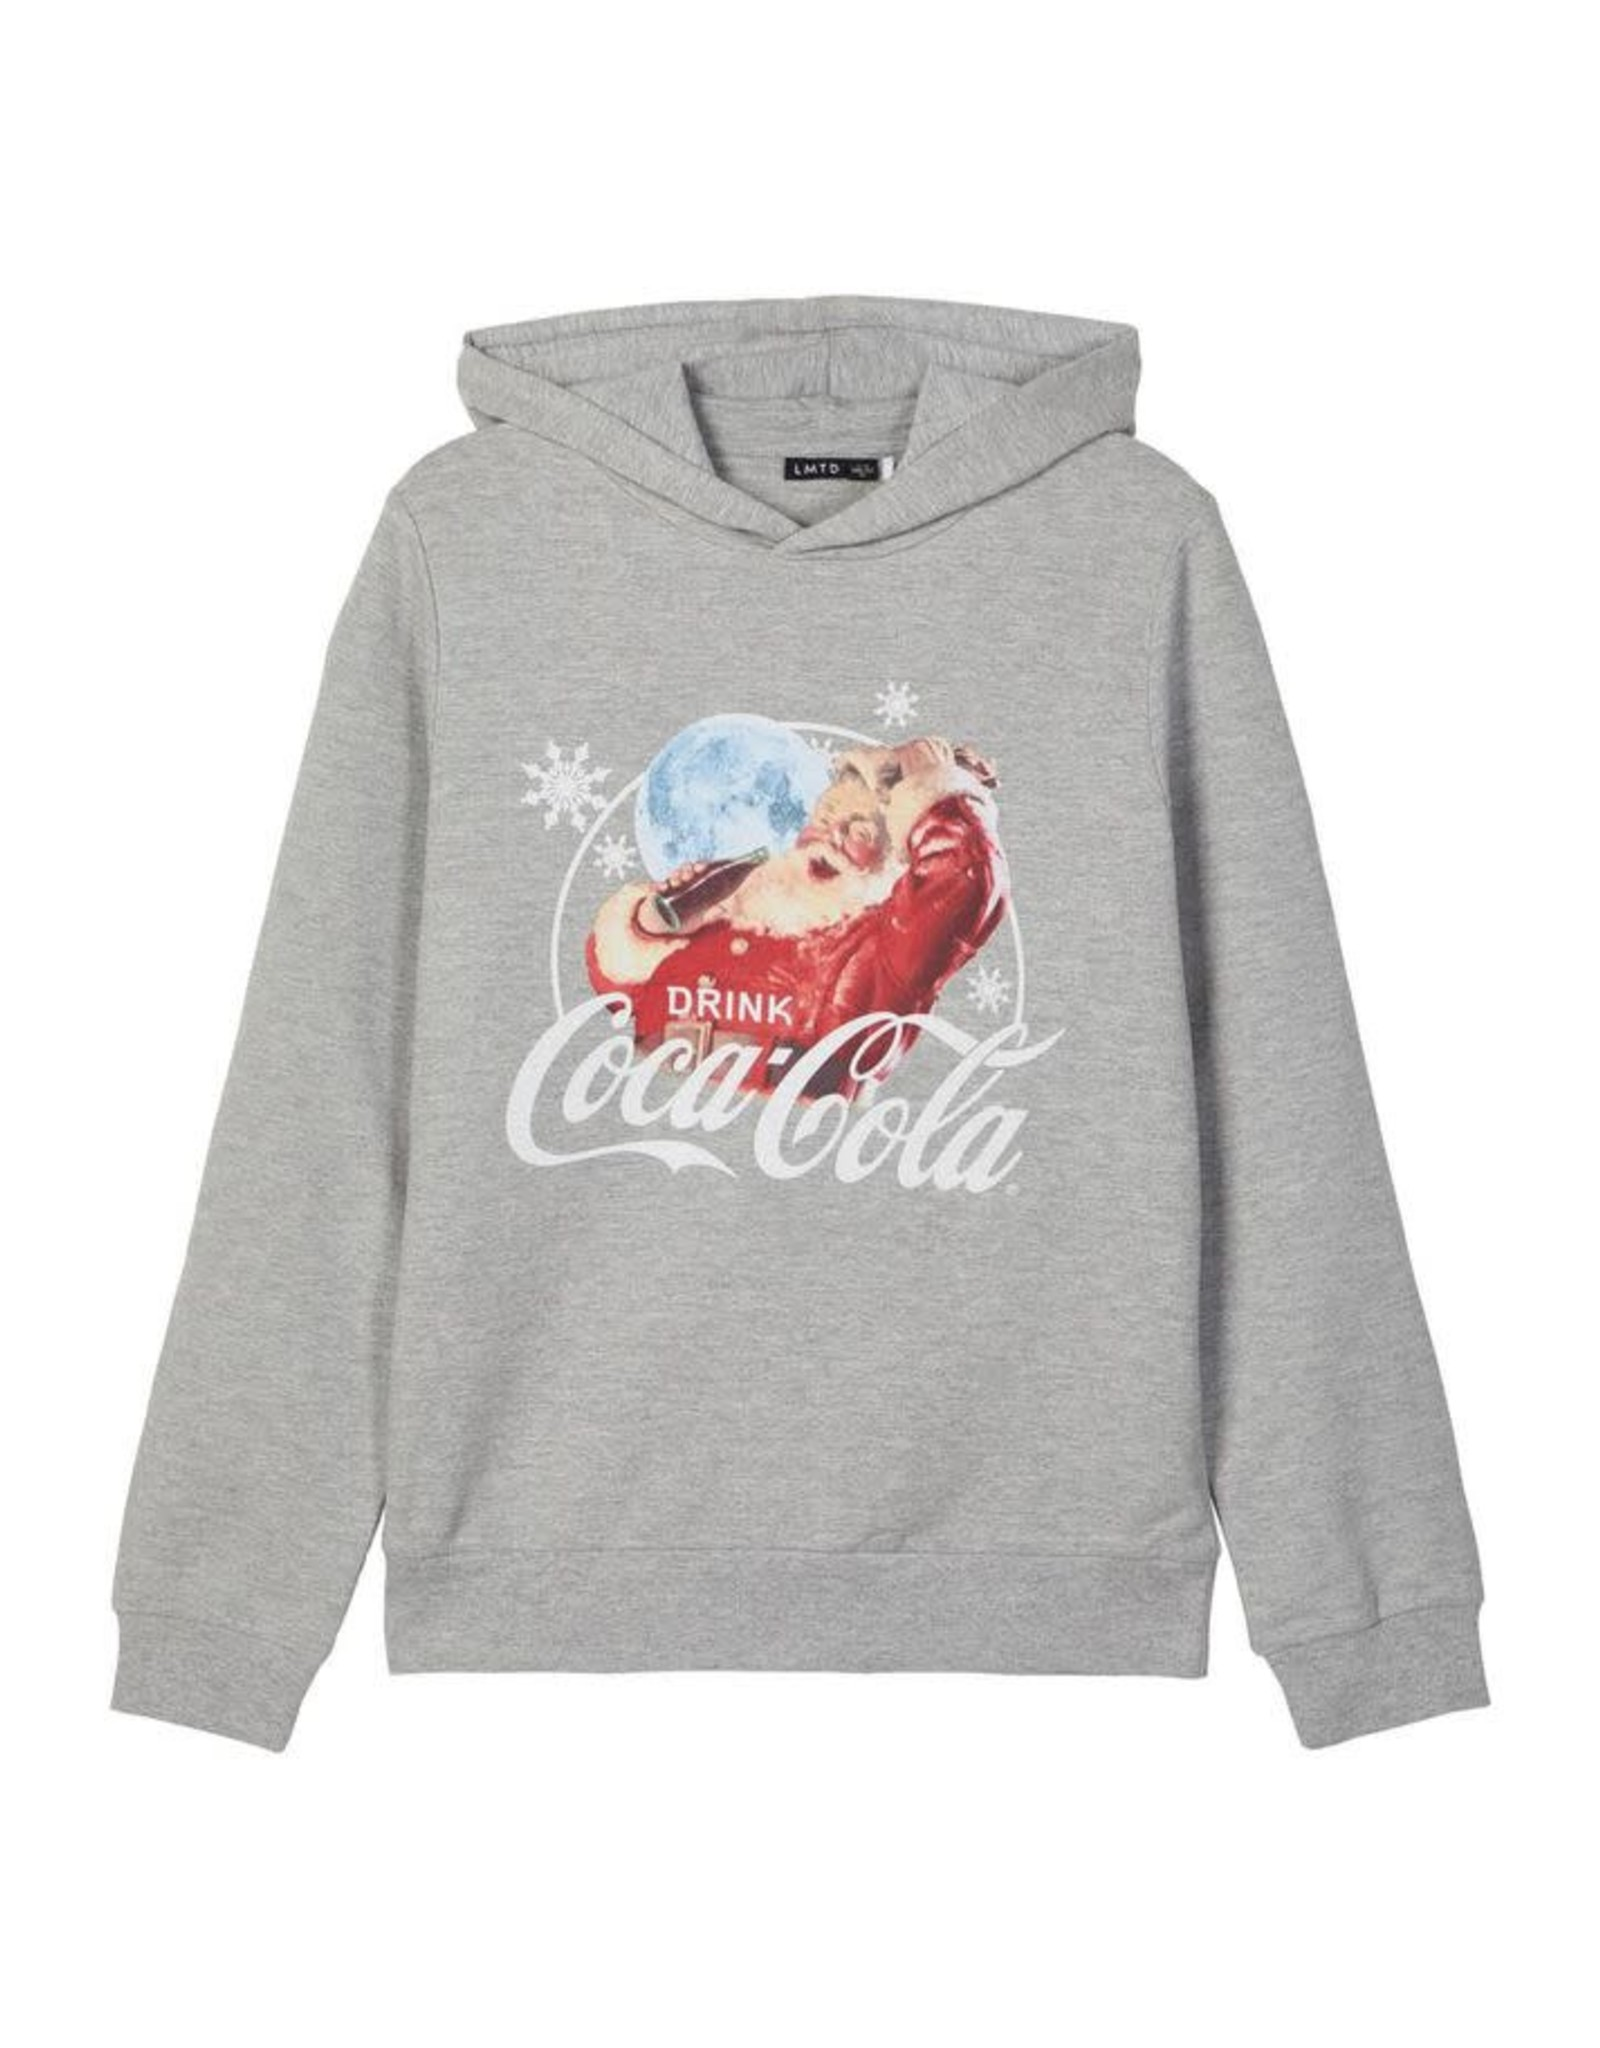 Name It Coca Cola Santa Kersthoodie